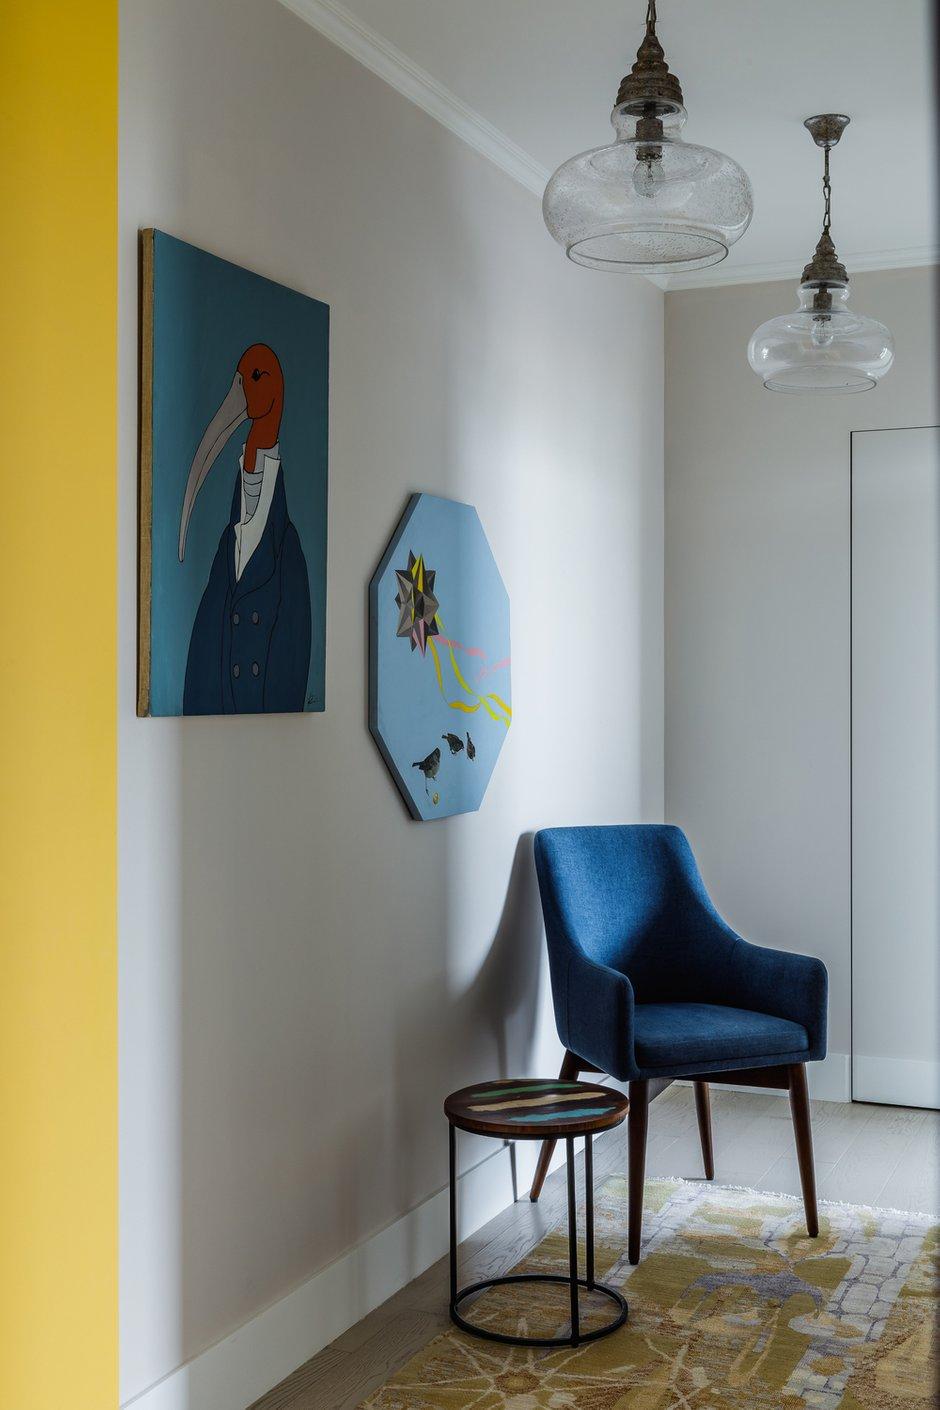 Фотография: Прихожая в стиле Скандинавский, Эклектика, Квартира, Проект недели, Москва, 3 комнаты, 60-90 метров, Анастасия Струве – фото на INMYROOM